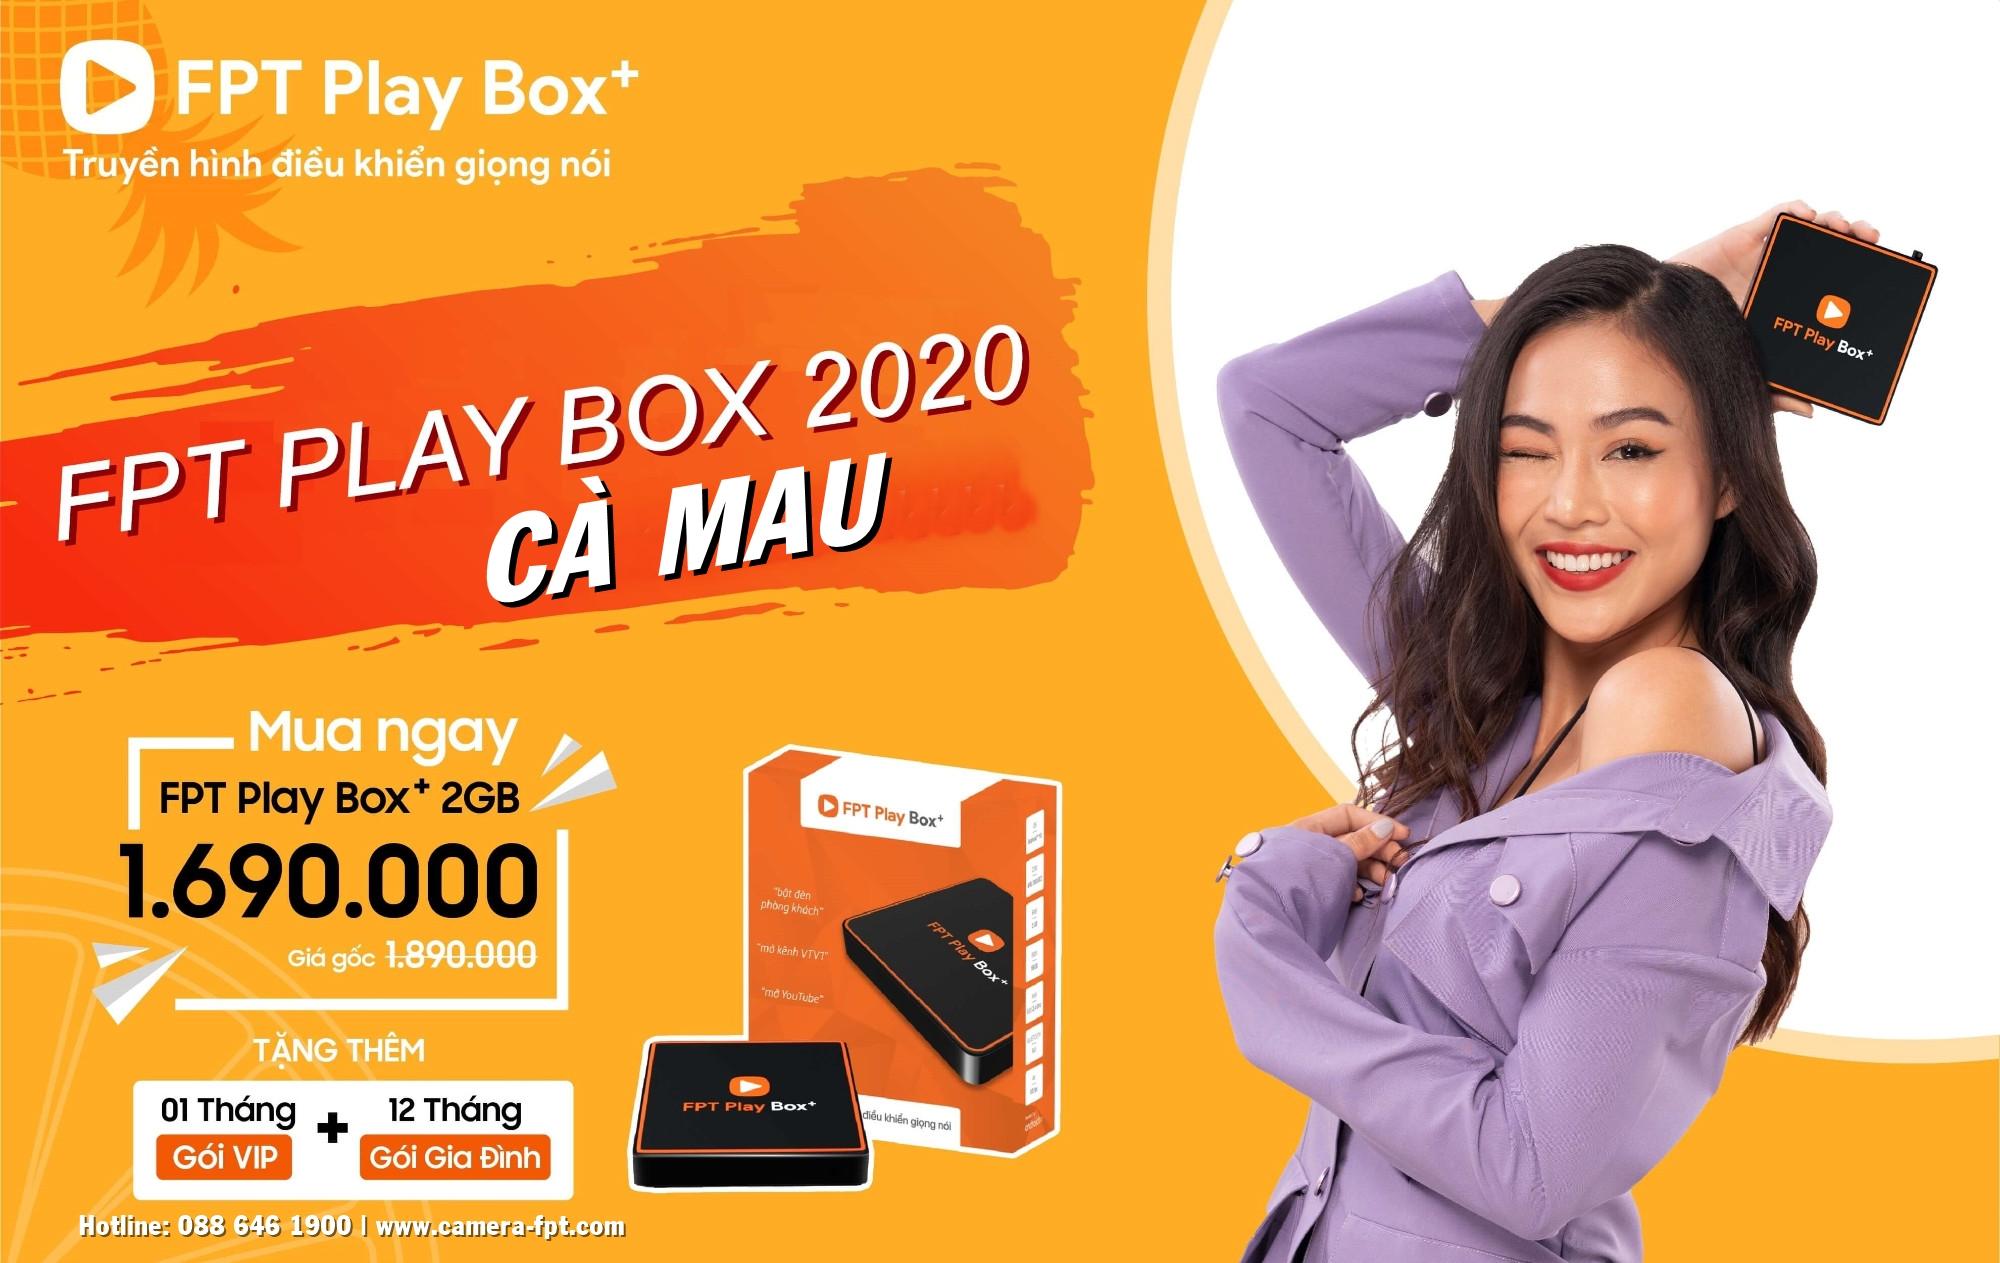 Mua FPT Play BOX+ tại Cà Mau ✓ Tặng 12 tháng xem truyền hình cáp miễn phí